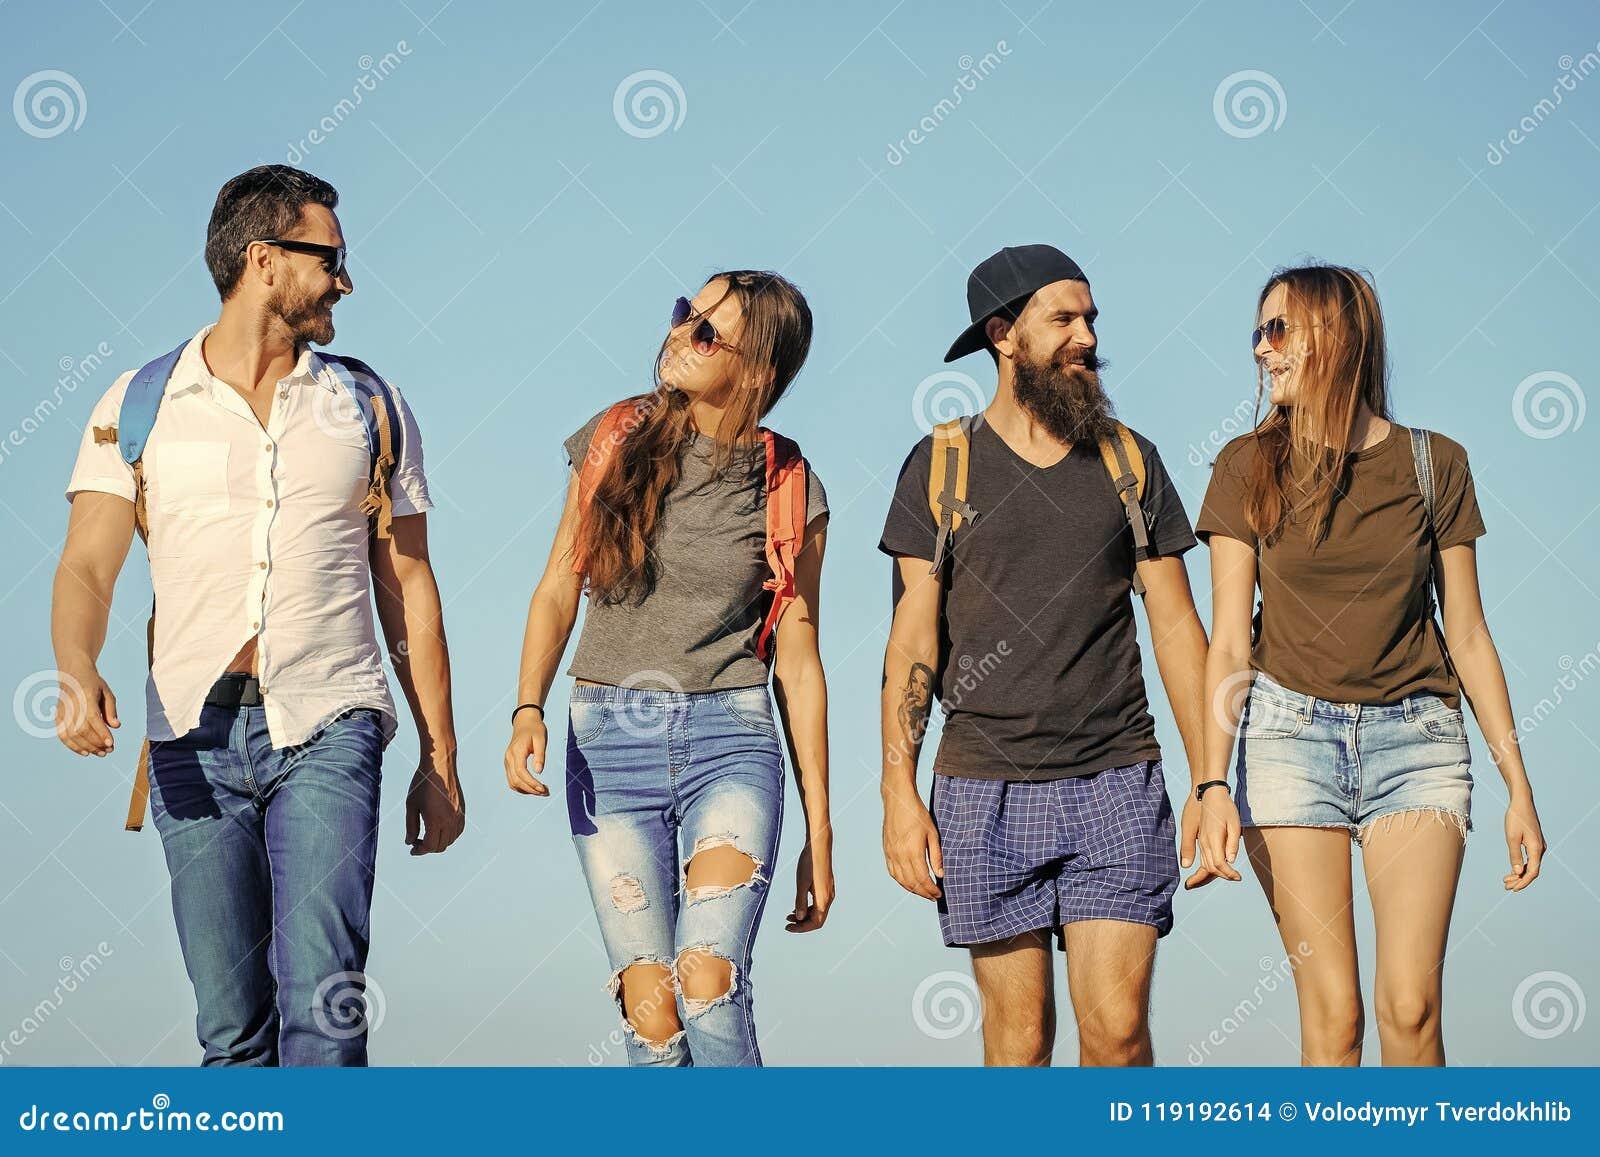 Voyage de vacances d envie de voyager de mode de vie augmentant les amis heureux sur le ciel bleu, envie de voyager